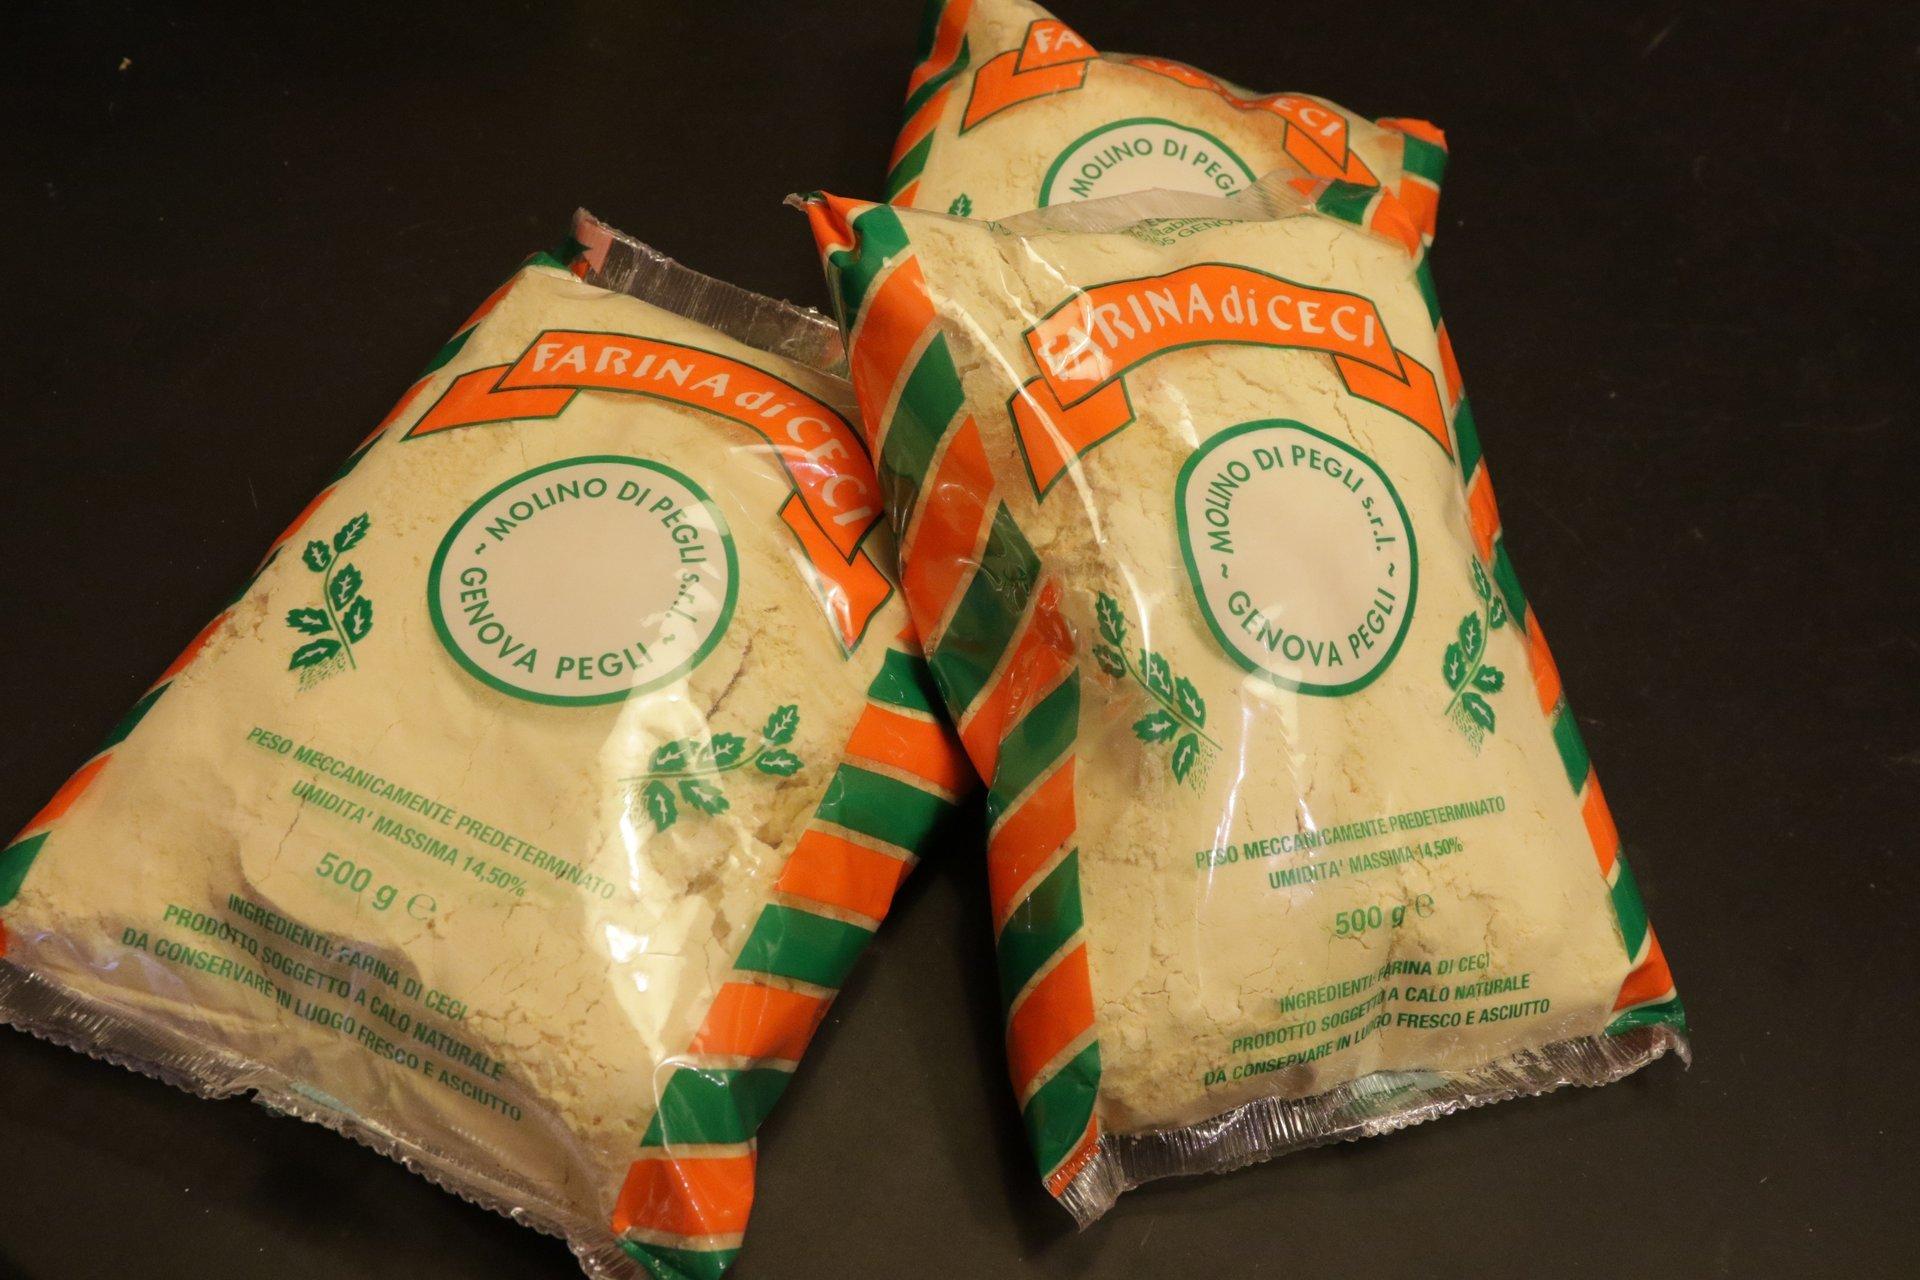 sacchi di farine a marchio Farina di Ceci